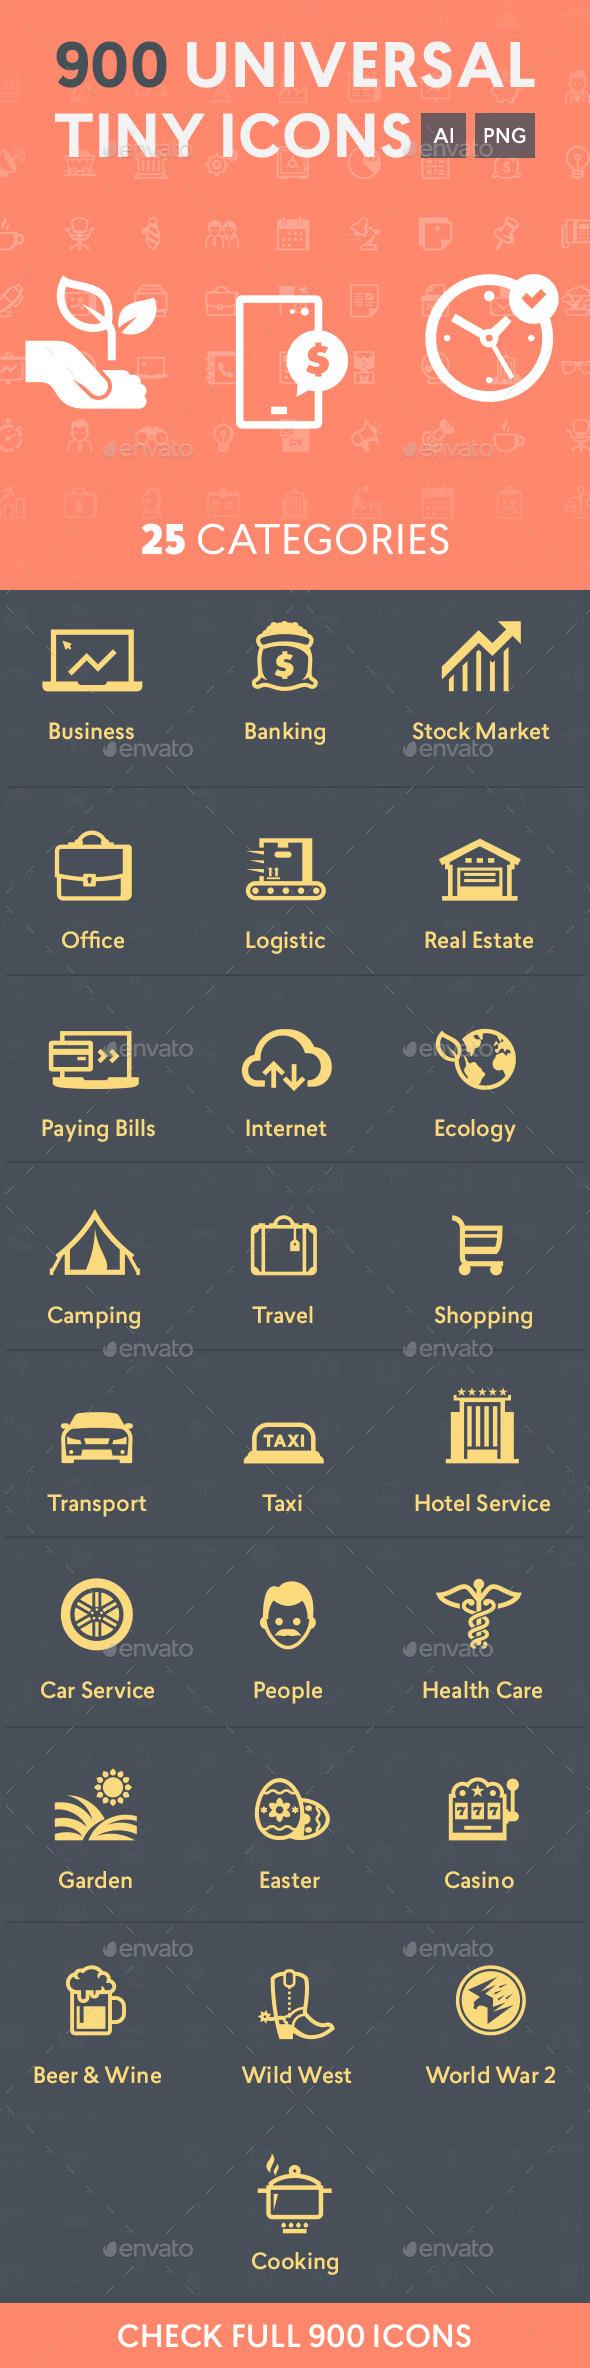 Universal Tiny Icons